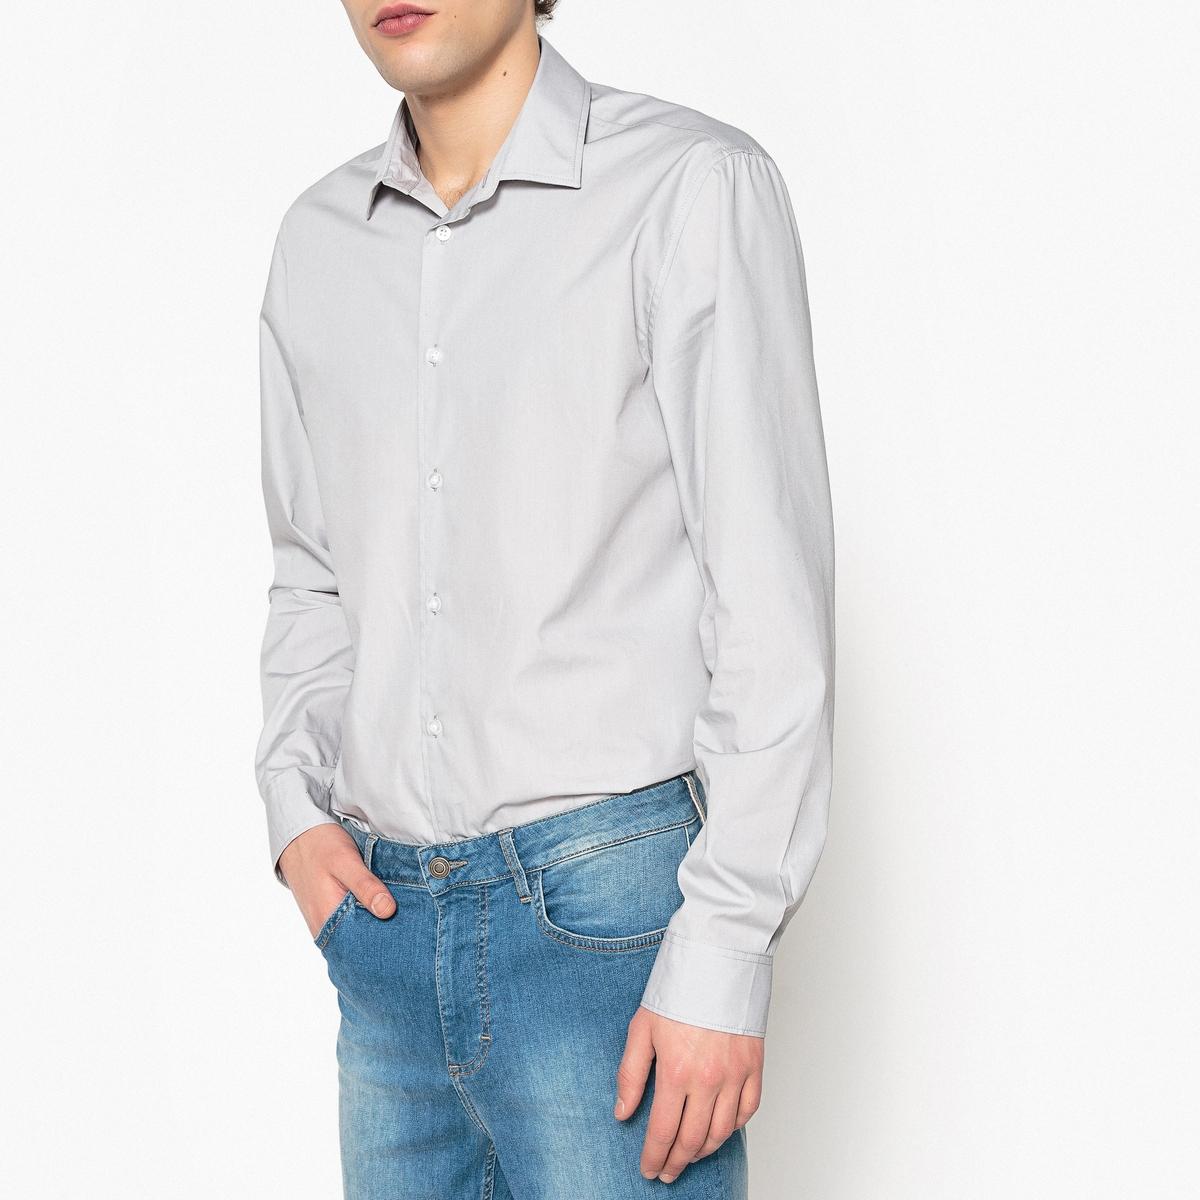 Рубашка прямого покрояРубашка с длинными рукавами. Стандартный (прямой) покрой. Классический воротник со свободными кончиками. Легкая глажка.Состав и описание : Материал          55% хлопка, 45% полиэстераДлина       78 см Марка          R edition Уход: :Машинная стирка при 30° на деликатном режиме с вещами подобного цвета Стирка и глажка с изнаночной стороныСухая чистка и машинная сушка запрещеныГладить на низкой температуре<br><br>Цвет: белый,небесно-голубой,серый,синий морской,черный<br>Размер: 47/48.45/46.41/42.37/38.47/48.43/44.41/42.35/36.43/44.41/42.35/36.47/48.43/44.39/40.43/44.45/46.43/44.47/48.39/40.39/40.41/42